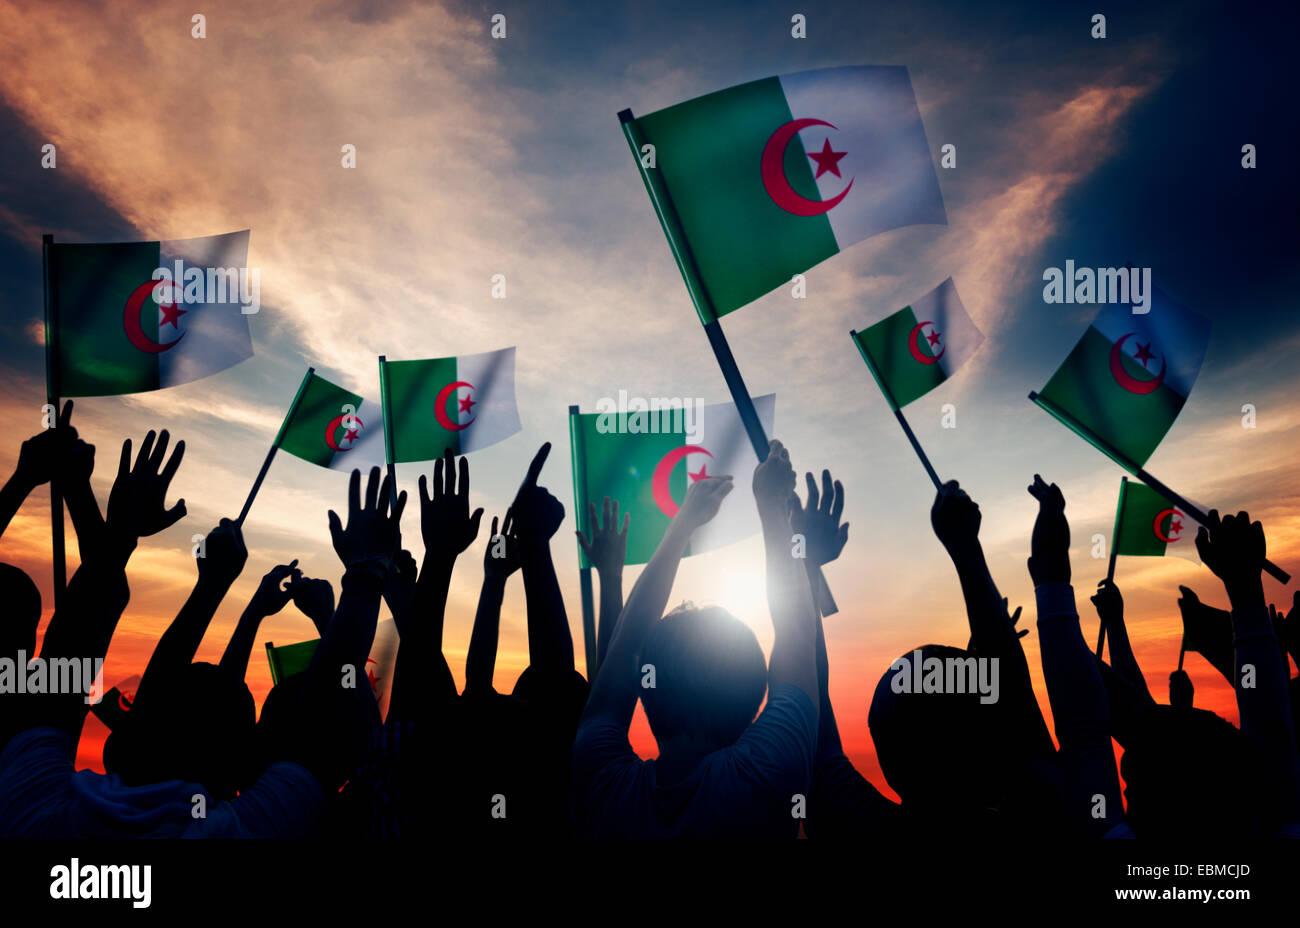 Sagome di Persone azienda bandiera di Algeria Immagini Stock